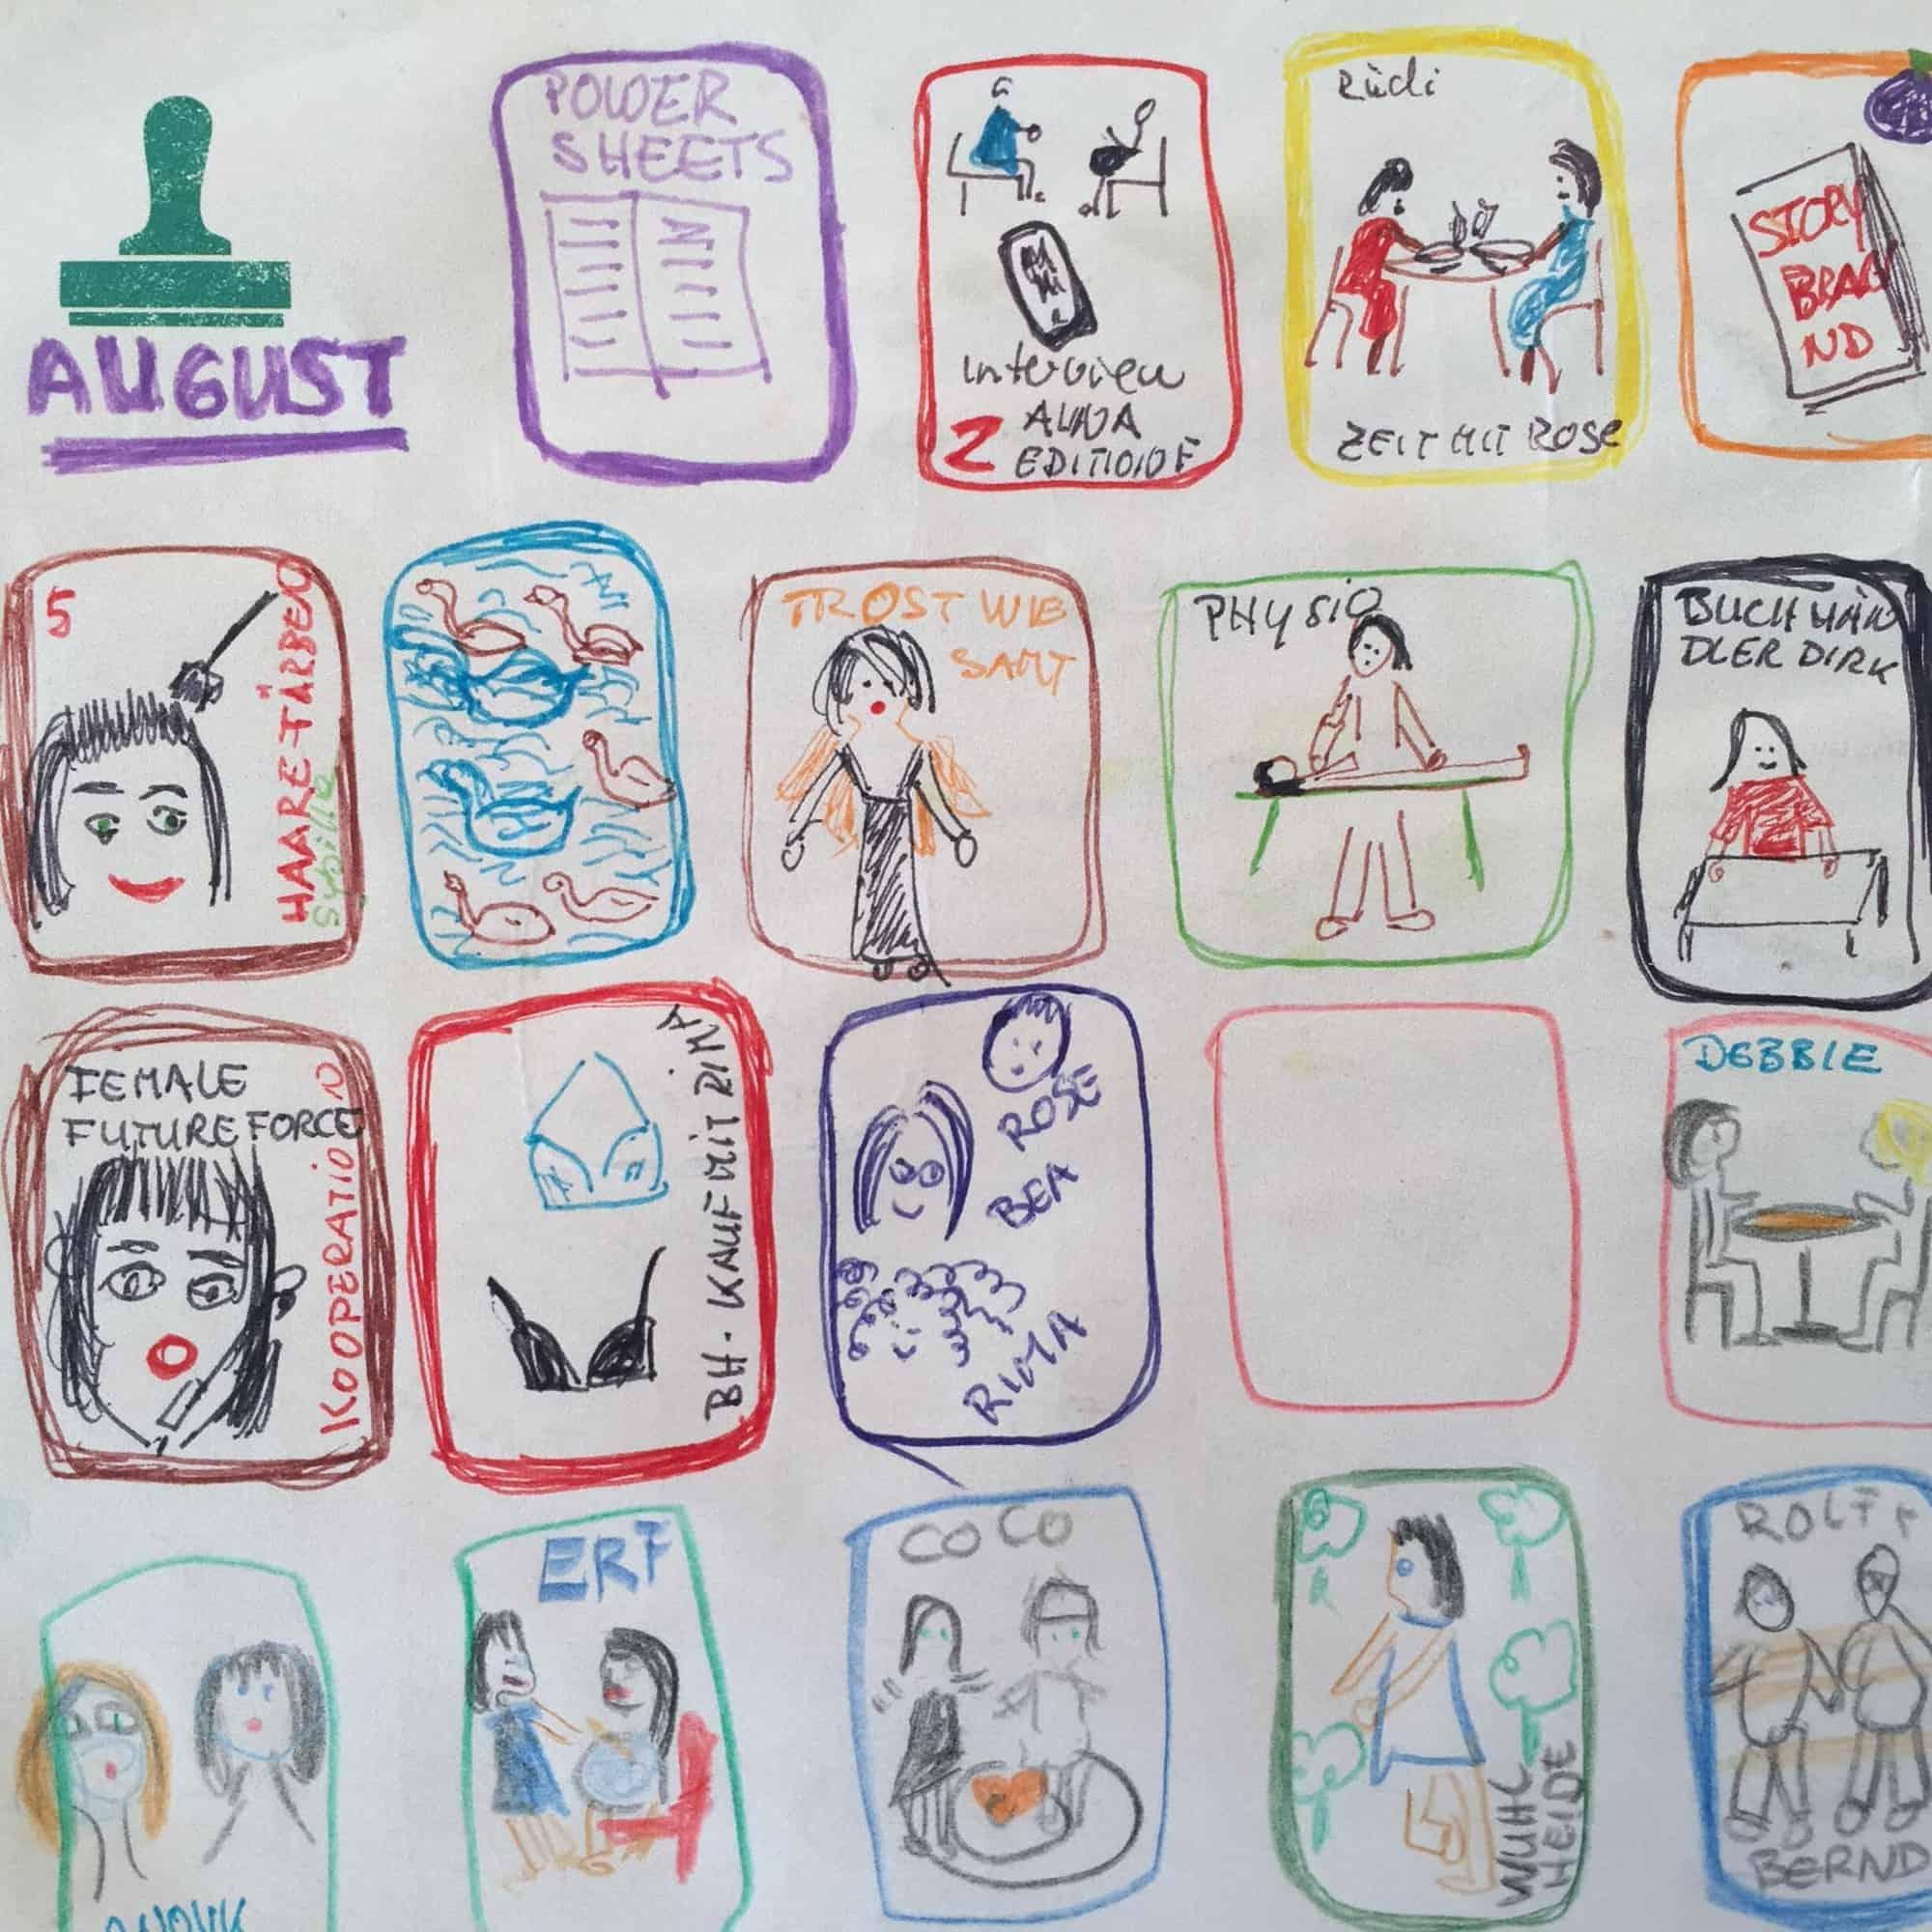 Dankbarkeits-Tagebuch von Kerstin Hack: Gezeichneter Dank